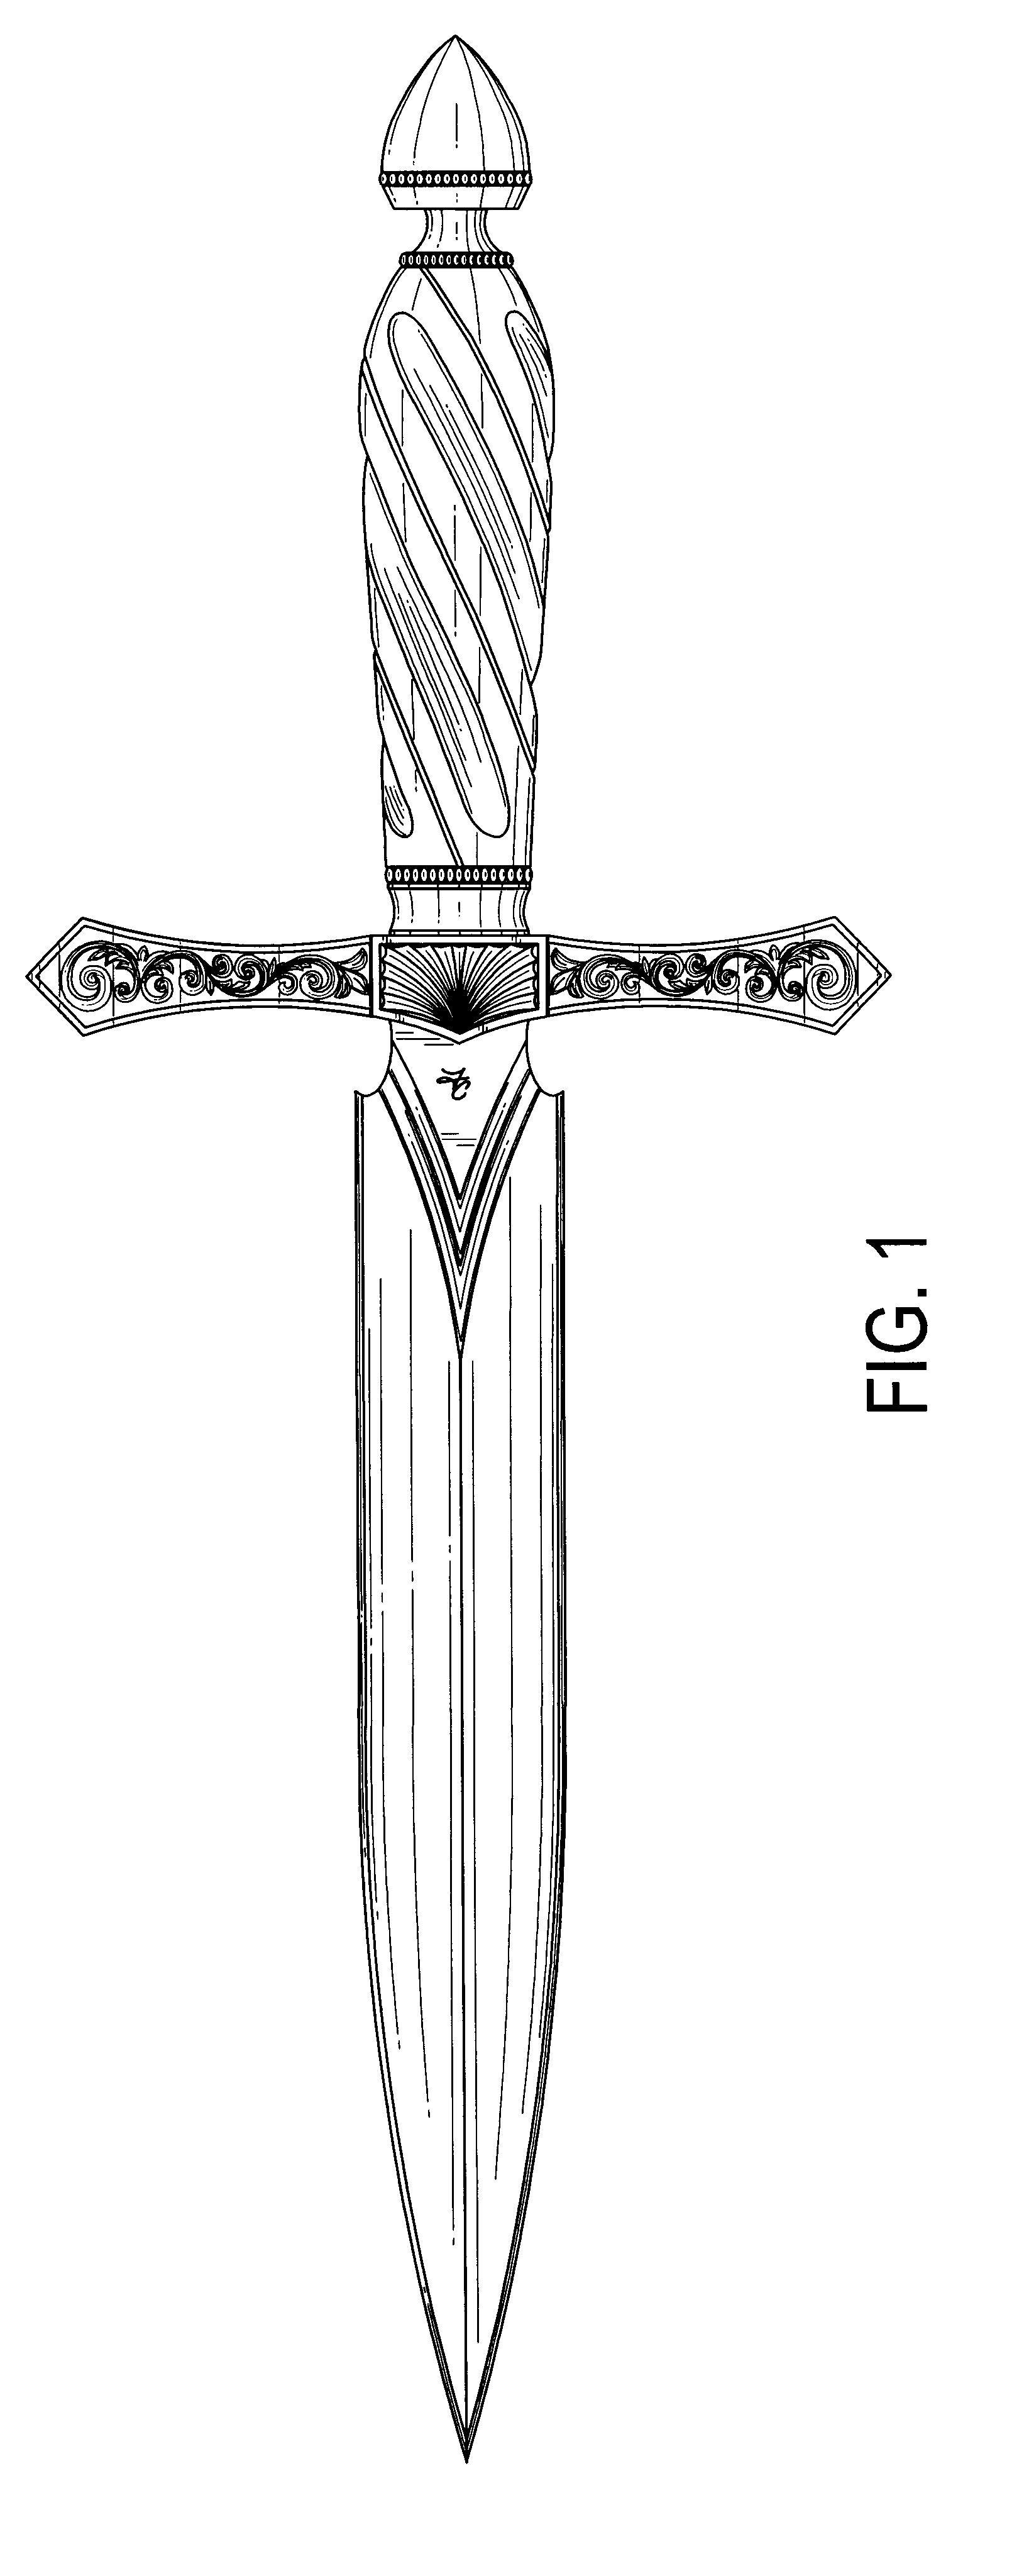 macbeth dagger drawing - photo #1